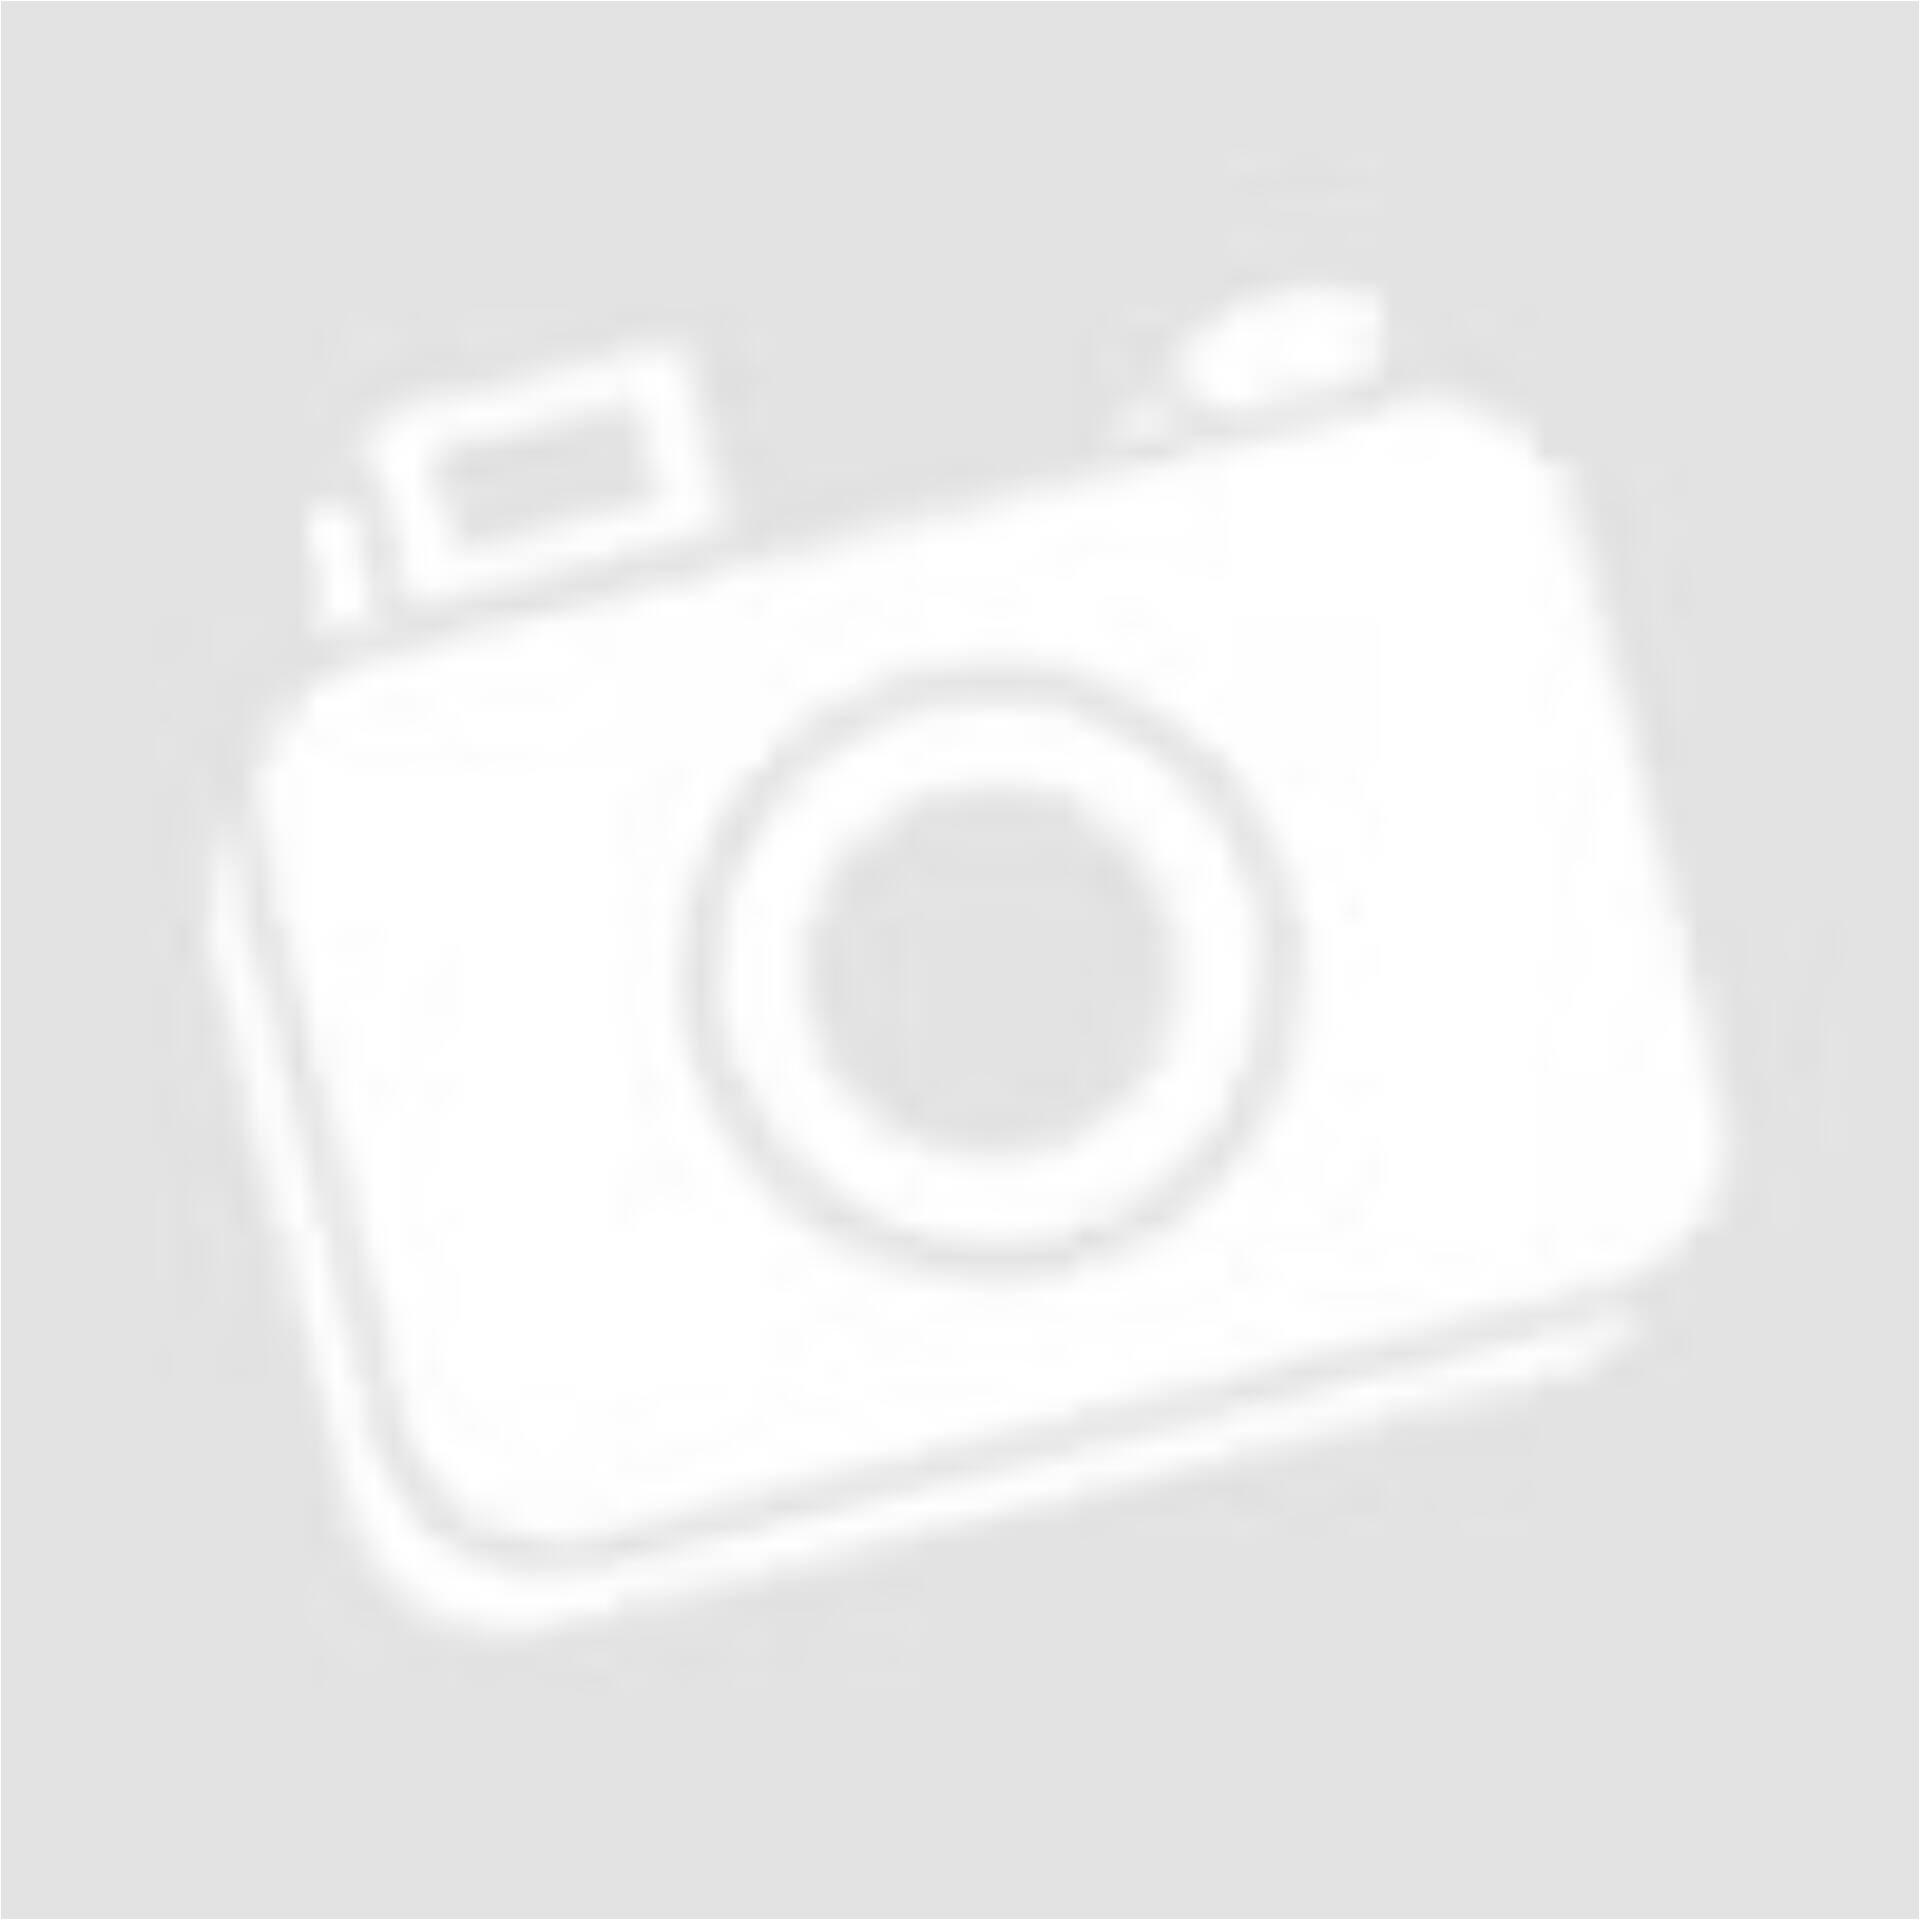 35259a1519 Zöld-sárga-fehér-kék kockás Jack&Jones ing (Méret: M) - Ing - Öltözz ...